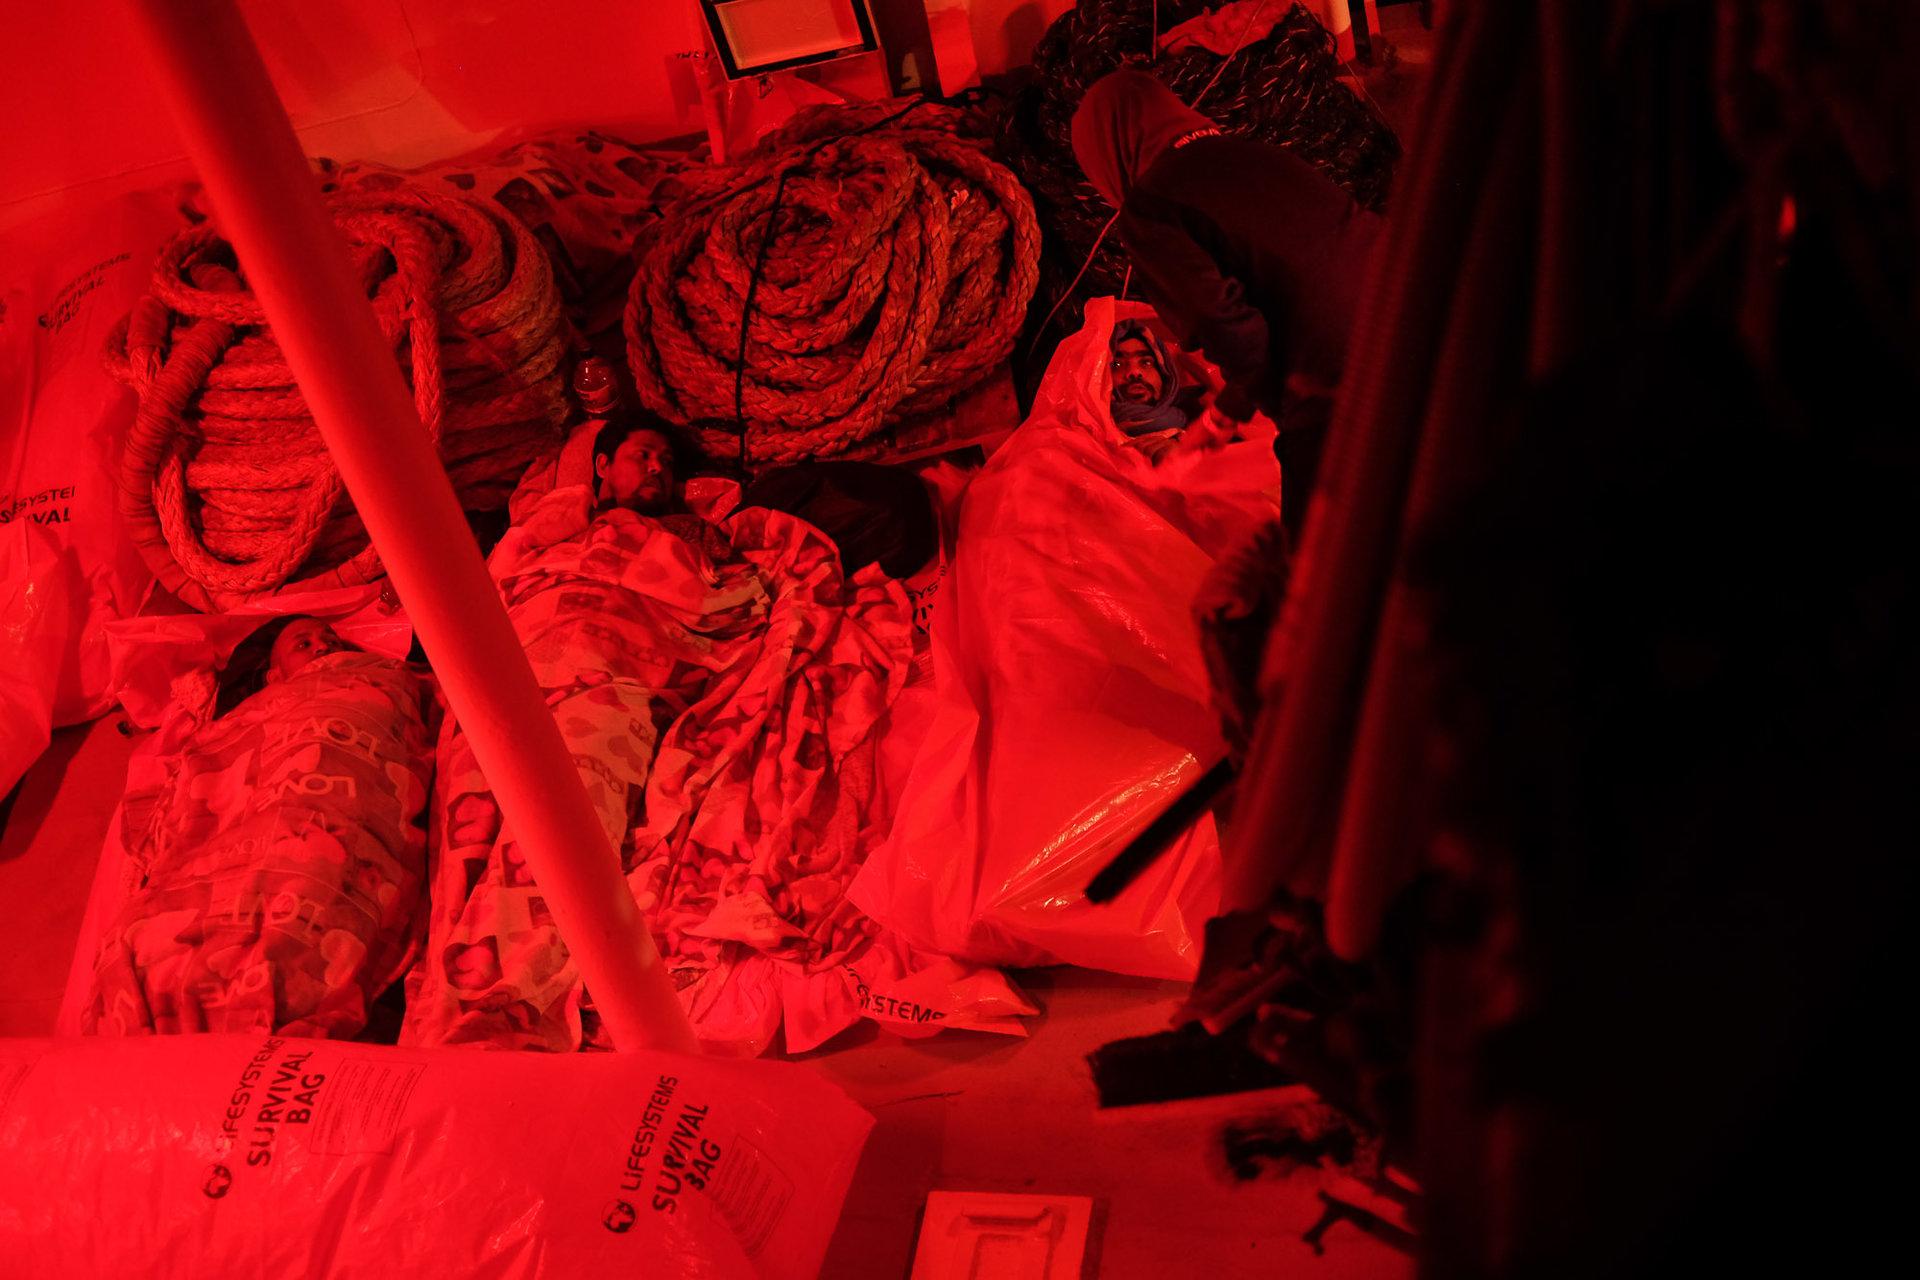 Les hommes rescapés dorment sur le pont arrière de l'Aquarius. Les femmes sont, elles, hébergées à l'intérieur du bateau dans un abri qui leur est réservé.